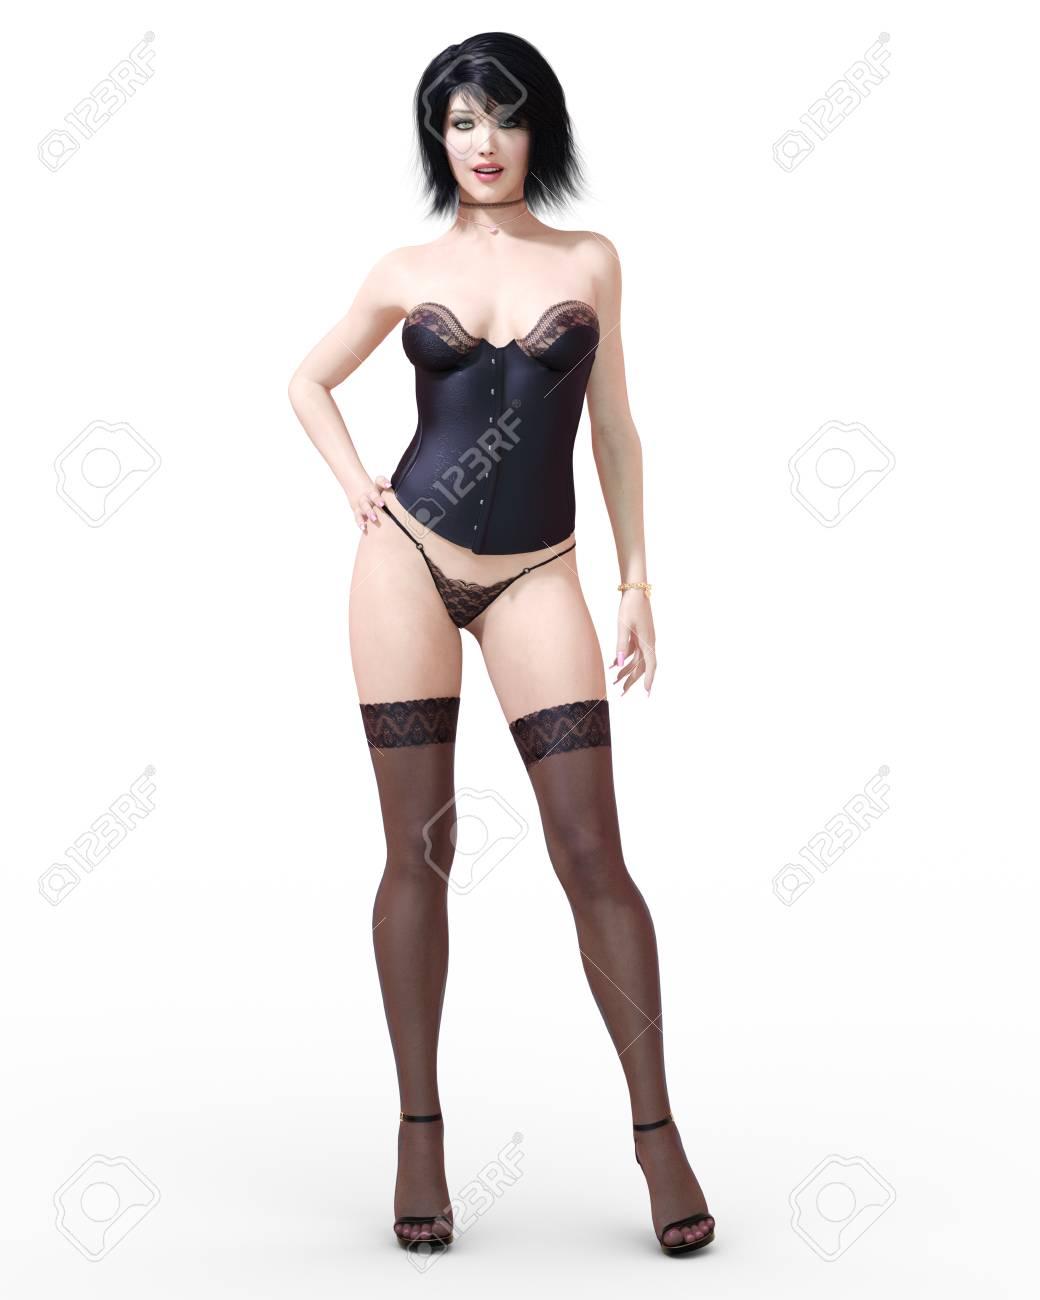 16ad6c5b1 3D Beautiful Brunette Girl In Lingerie